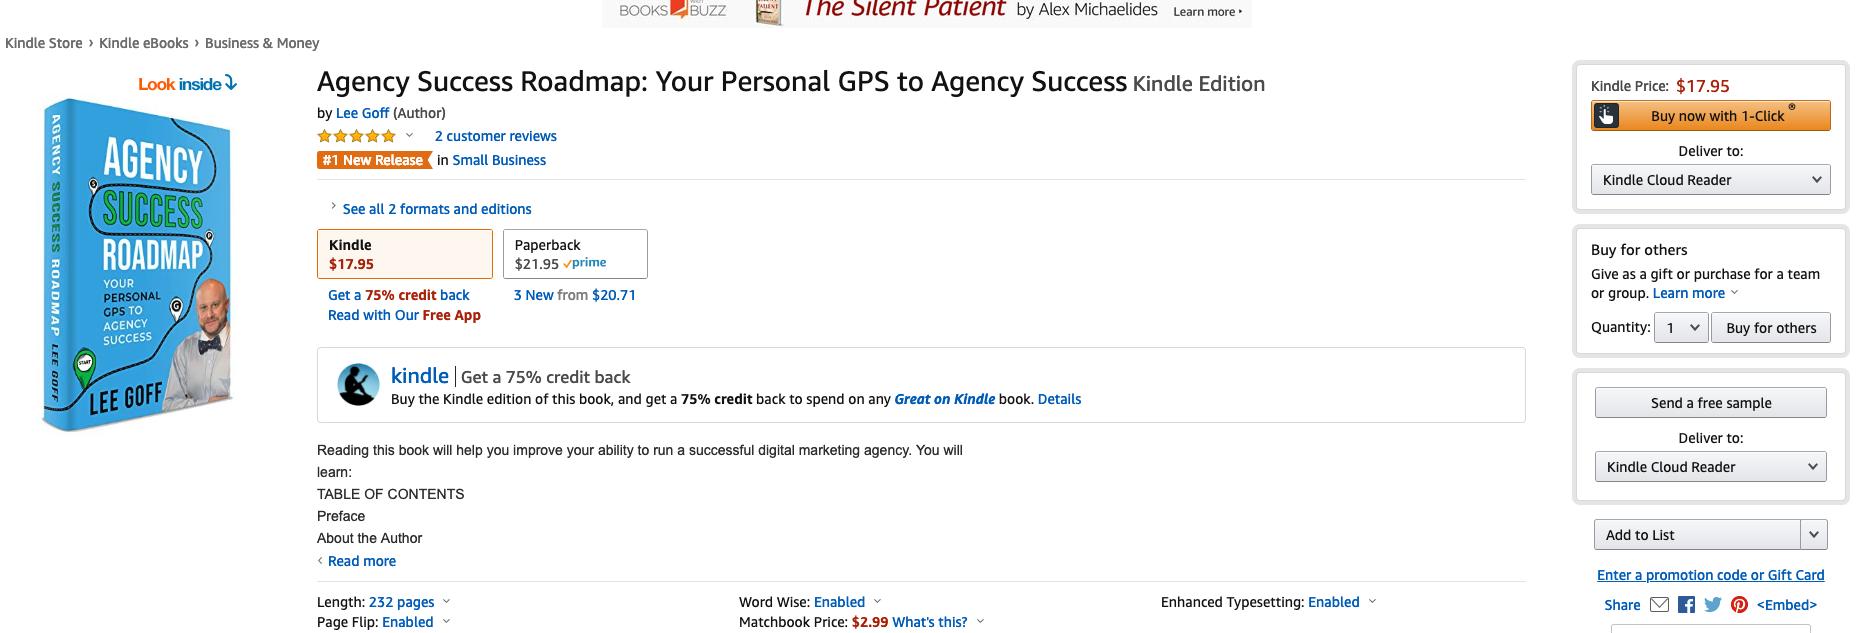 Amazon New Release